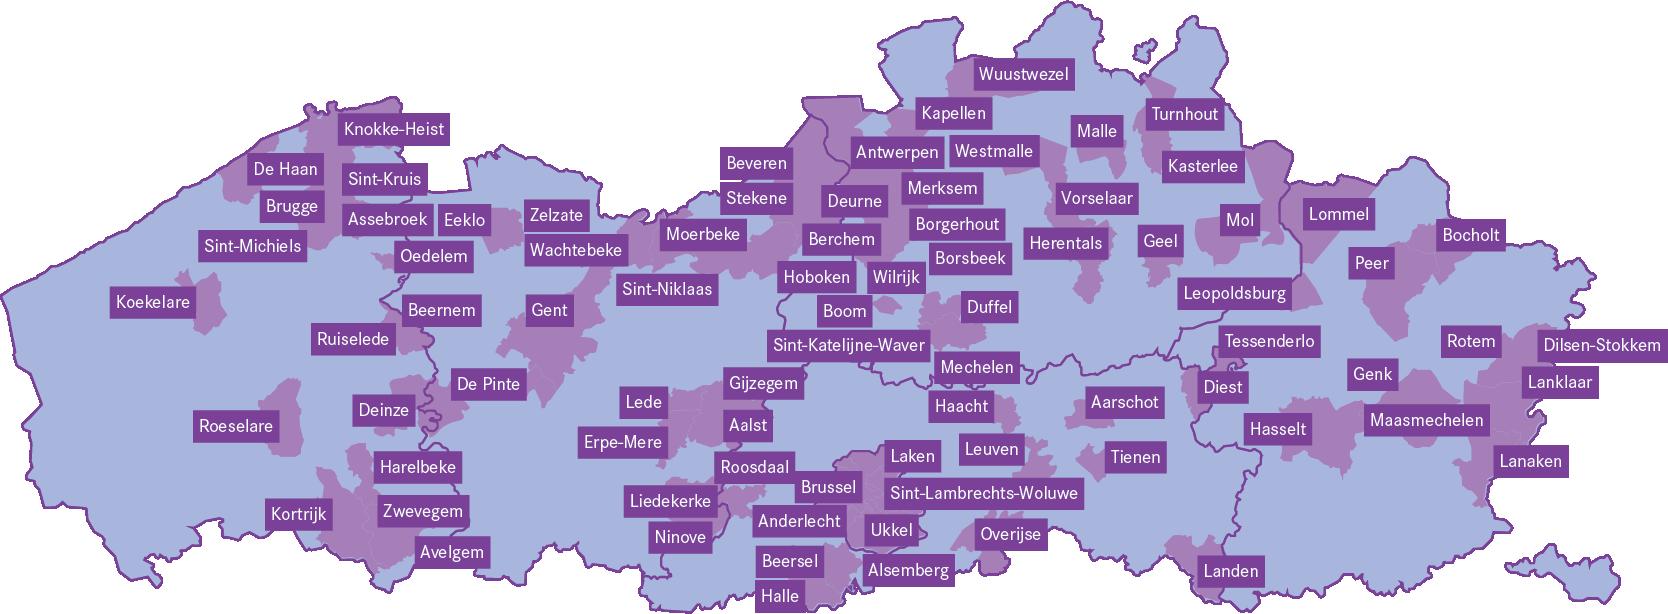 Deelnemende steden 2021